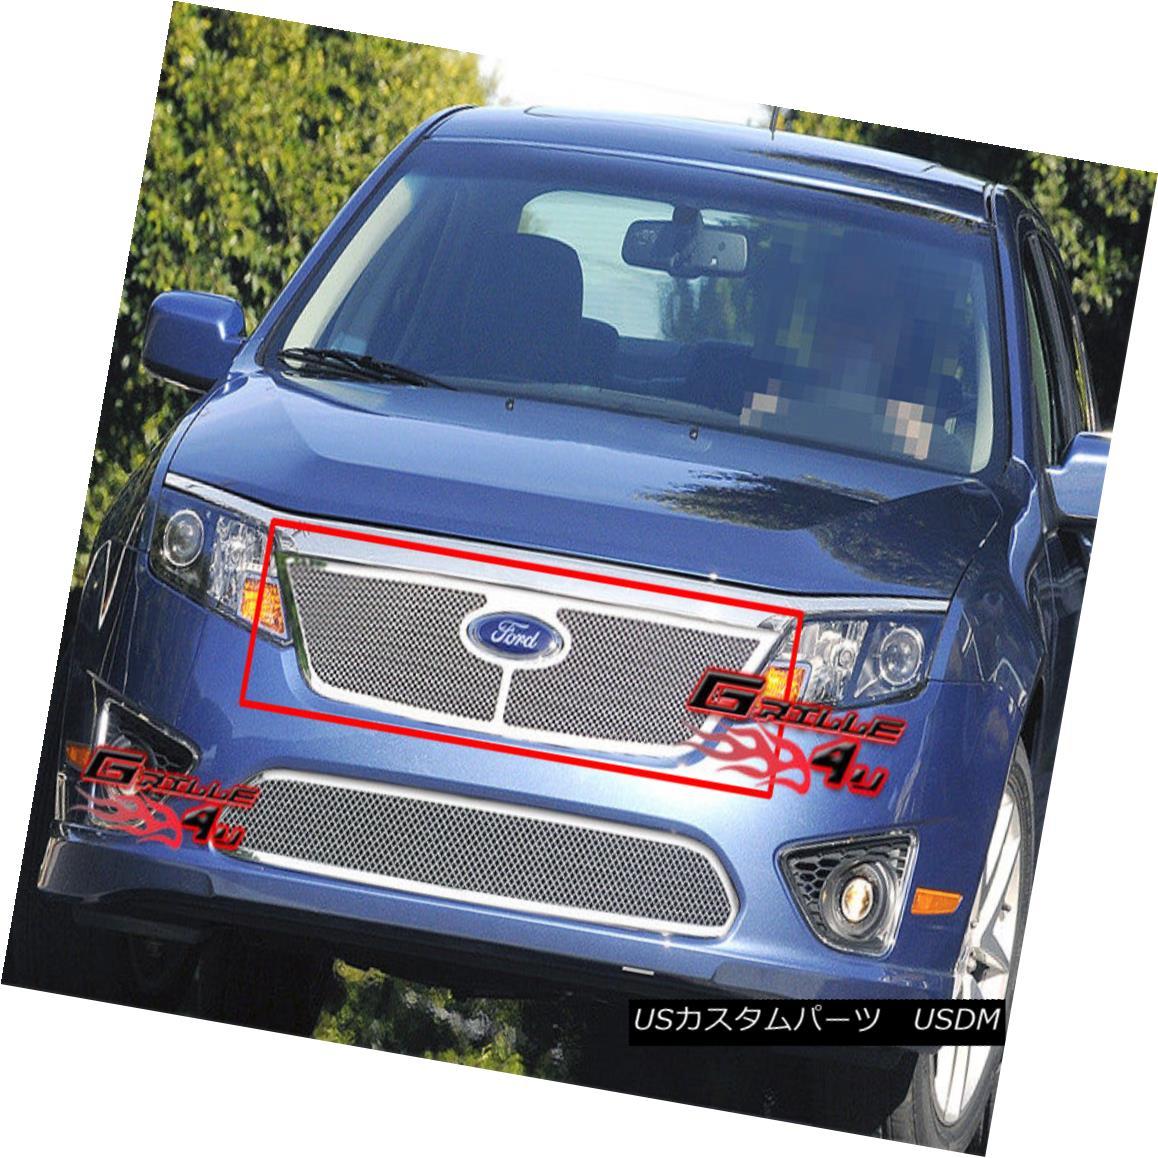 グリル For 10-11 2011 Ford Fusion Stainless Steel Mesh Grille 10-11 2011年フォードフュージョンステンレスメッシュグリル